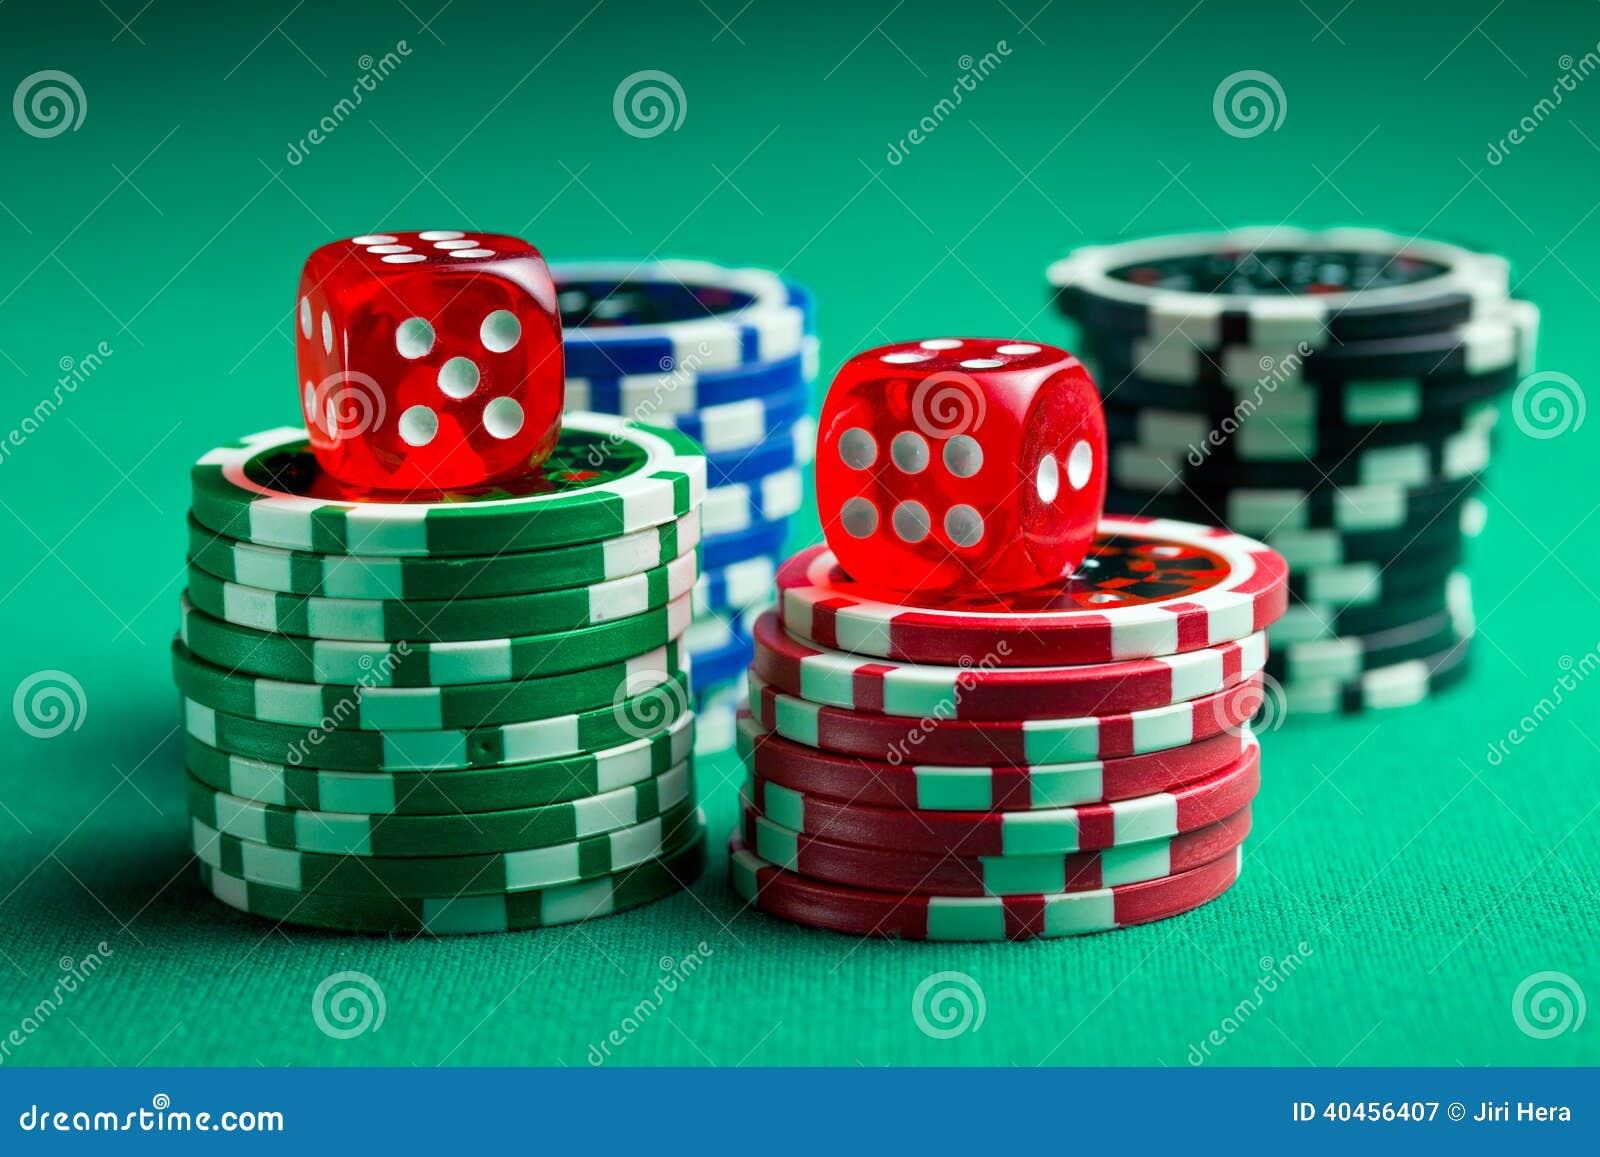 Стратегия казино кости интернет казино рулетка с минимальной ставкой